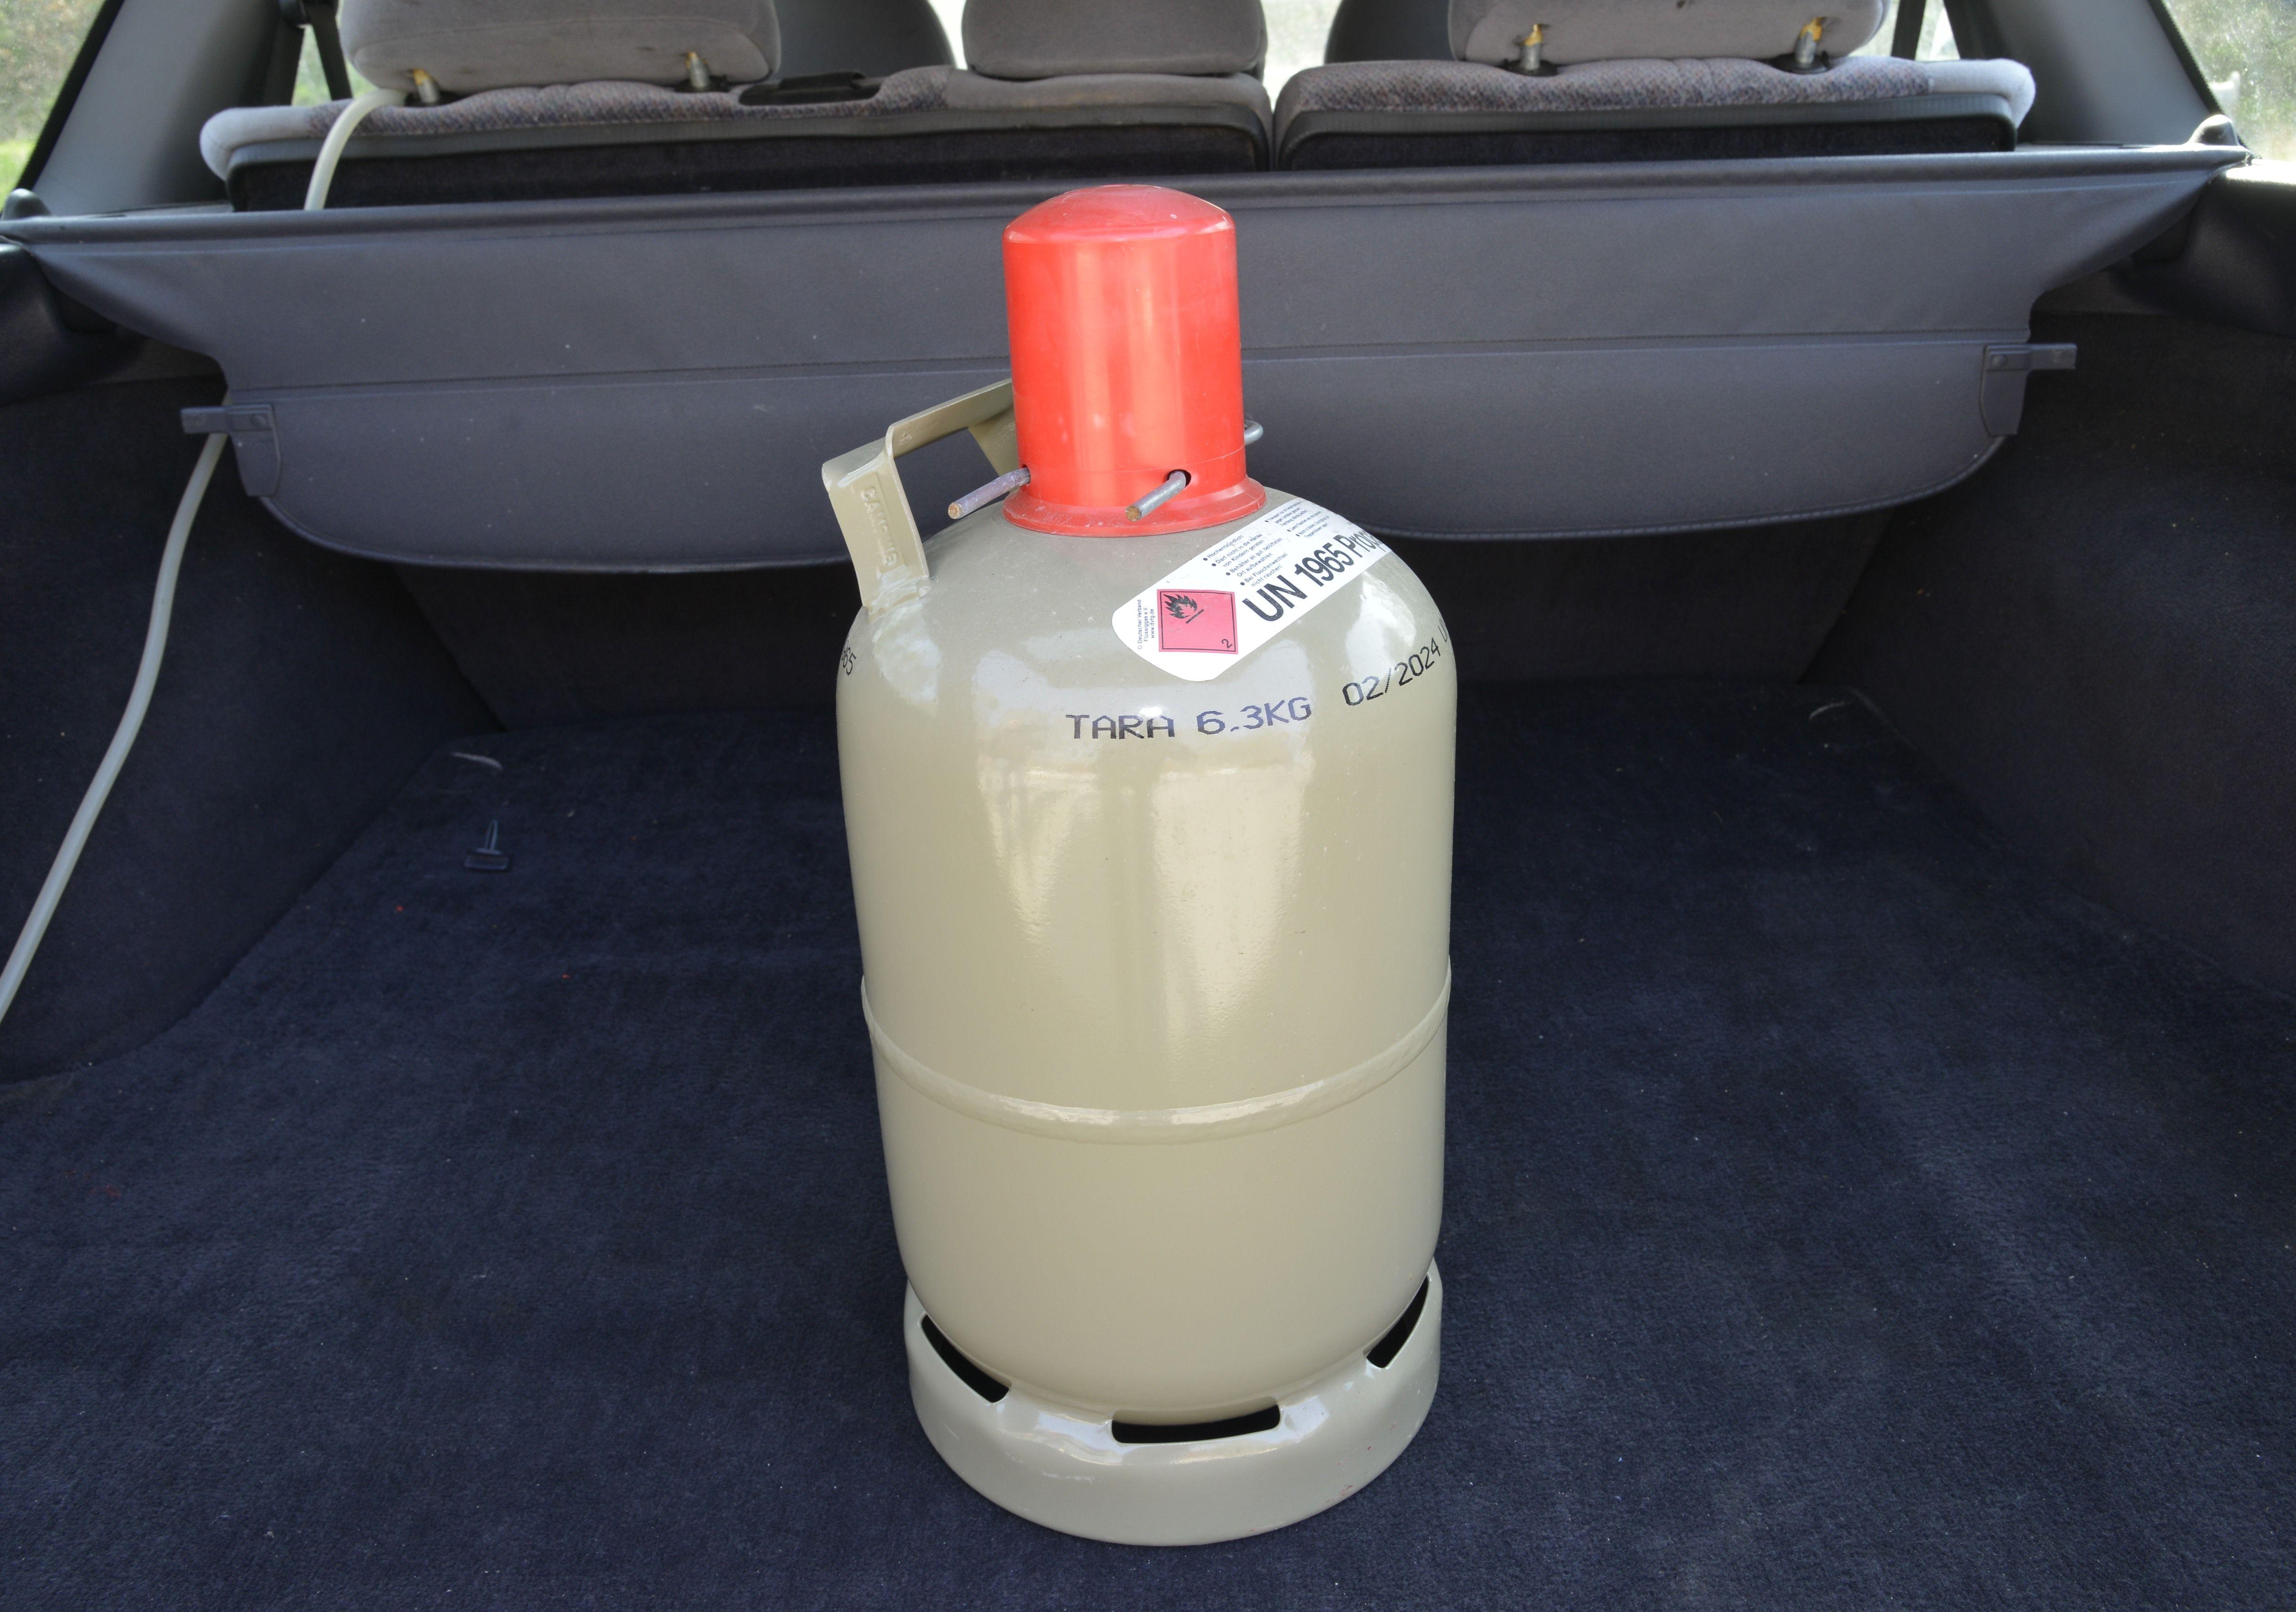 Gasflasche Für Gasgrill Lagern : Dekra sicherheitstipps zur grillsaison rund um gasflaschen